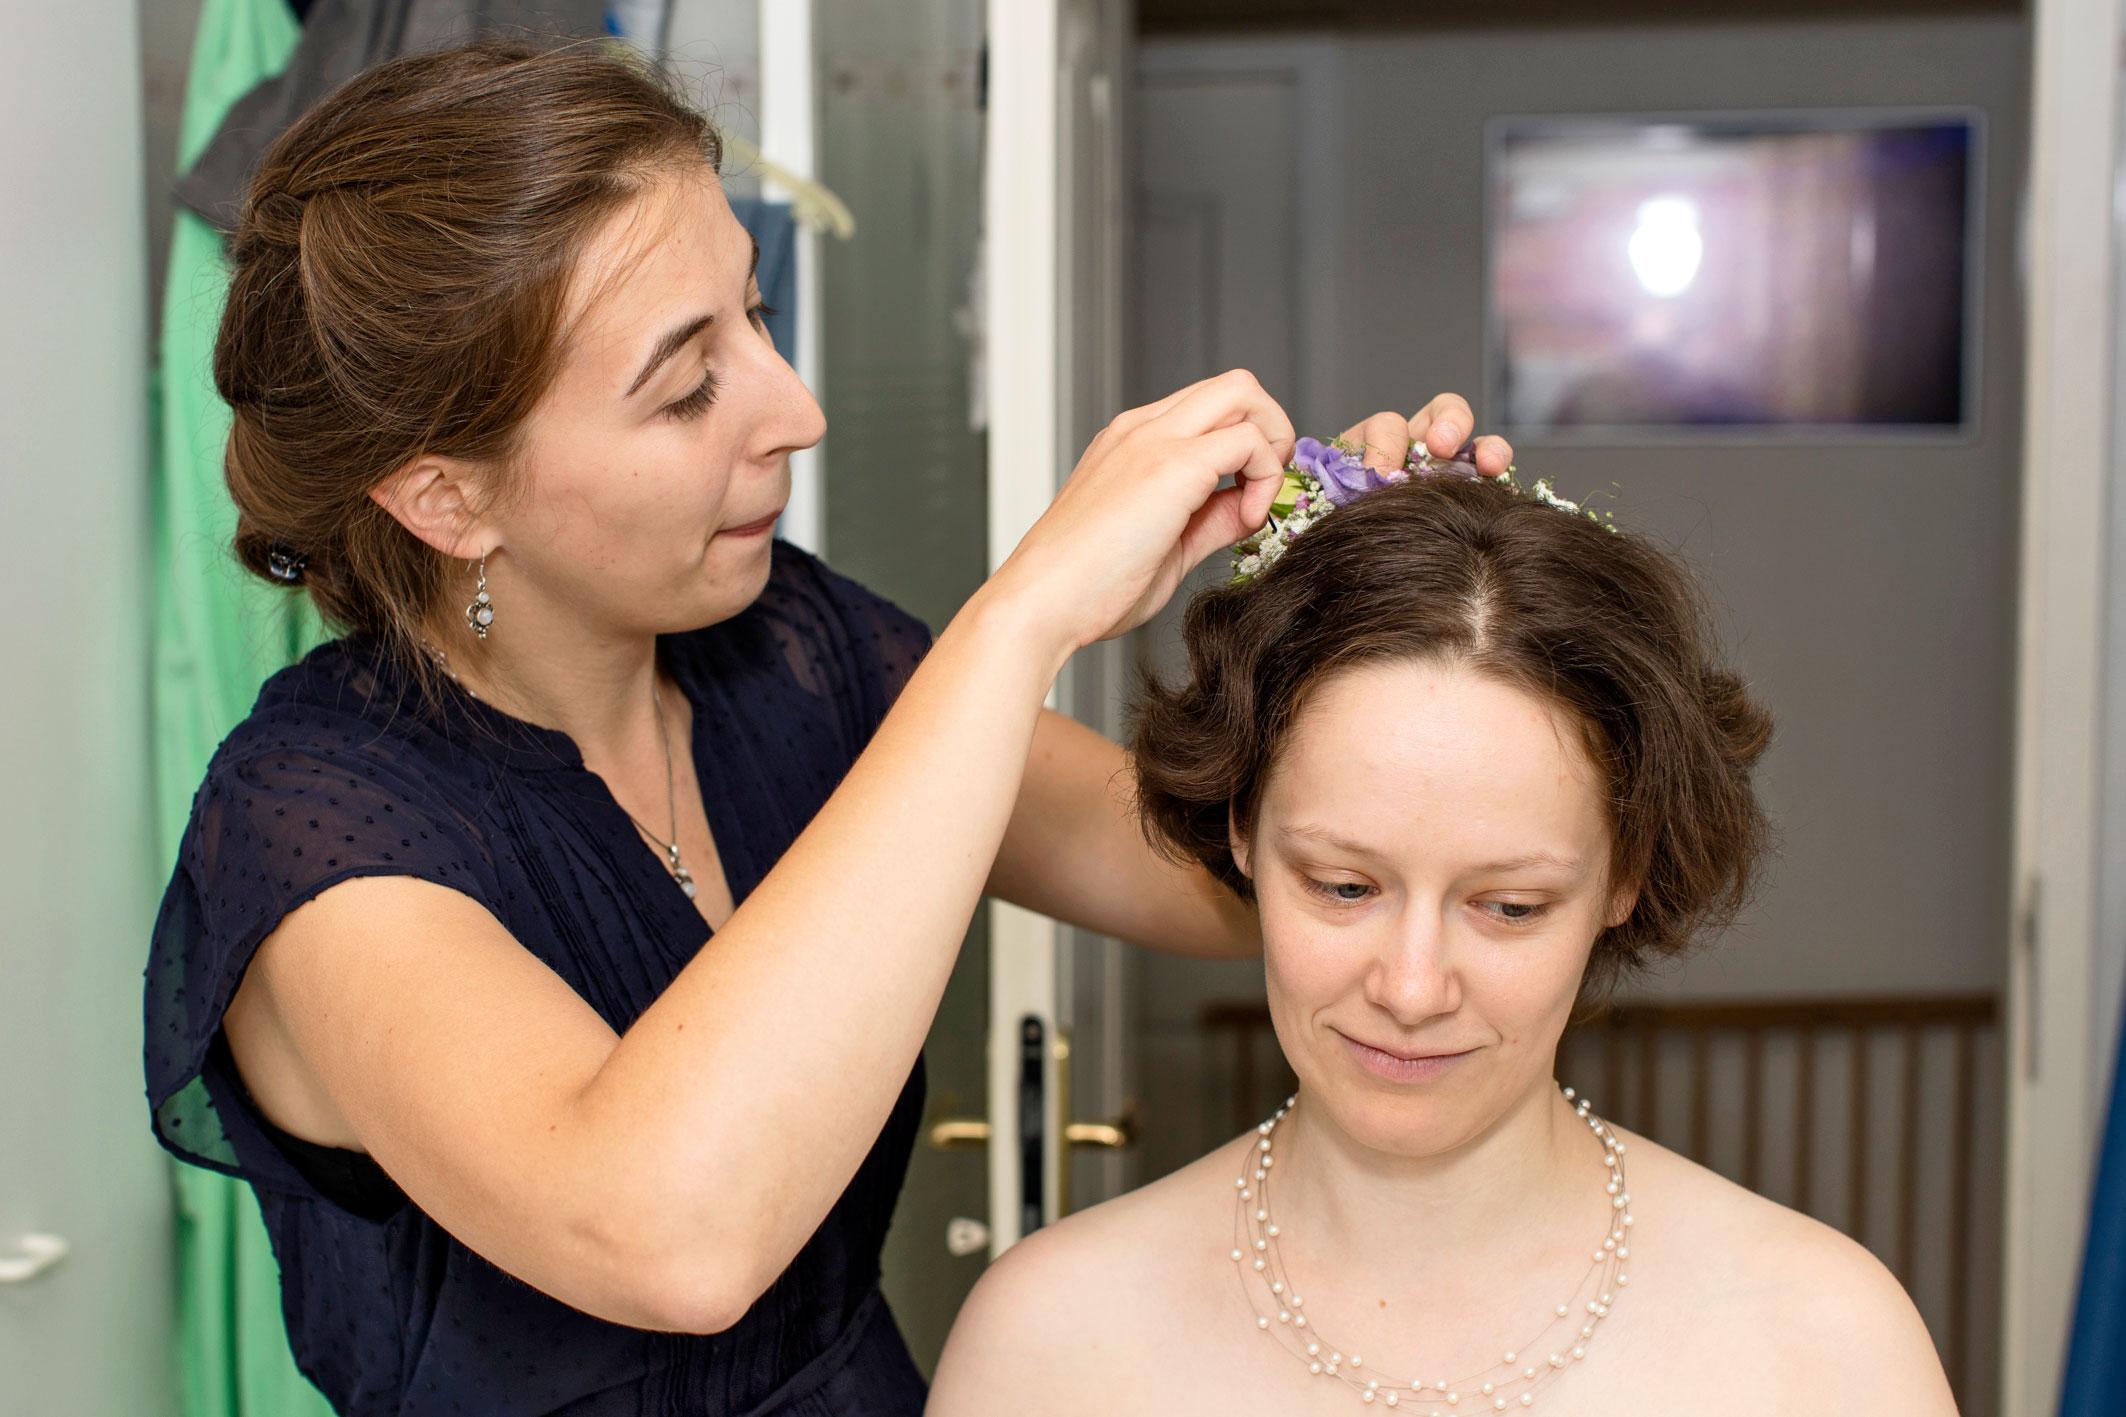 Hochzeitsfotografie: Hochzeitsvorbereitung: Haarschmuck für die Braut | Foto: Dieter Eikenberg, imprints